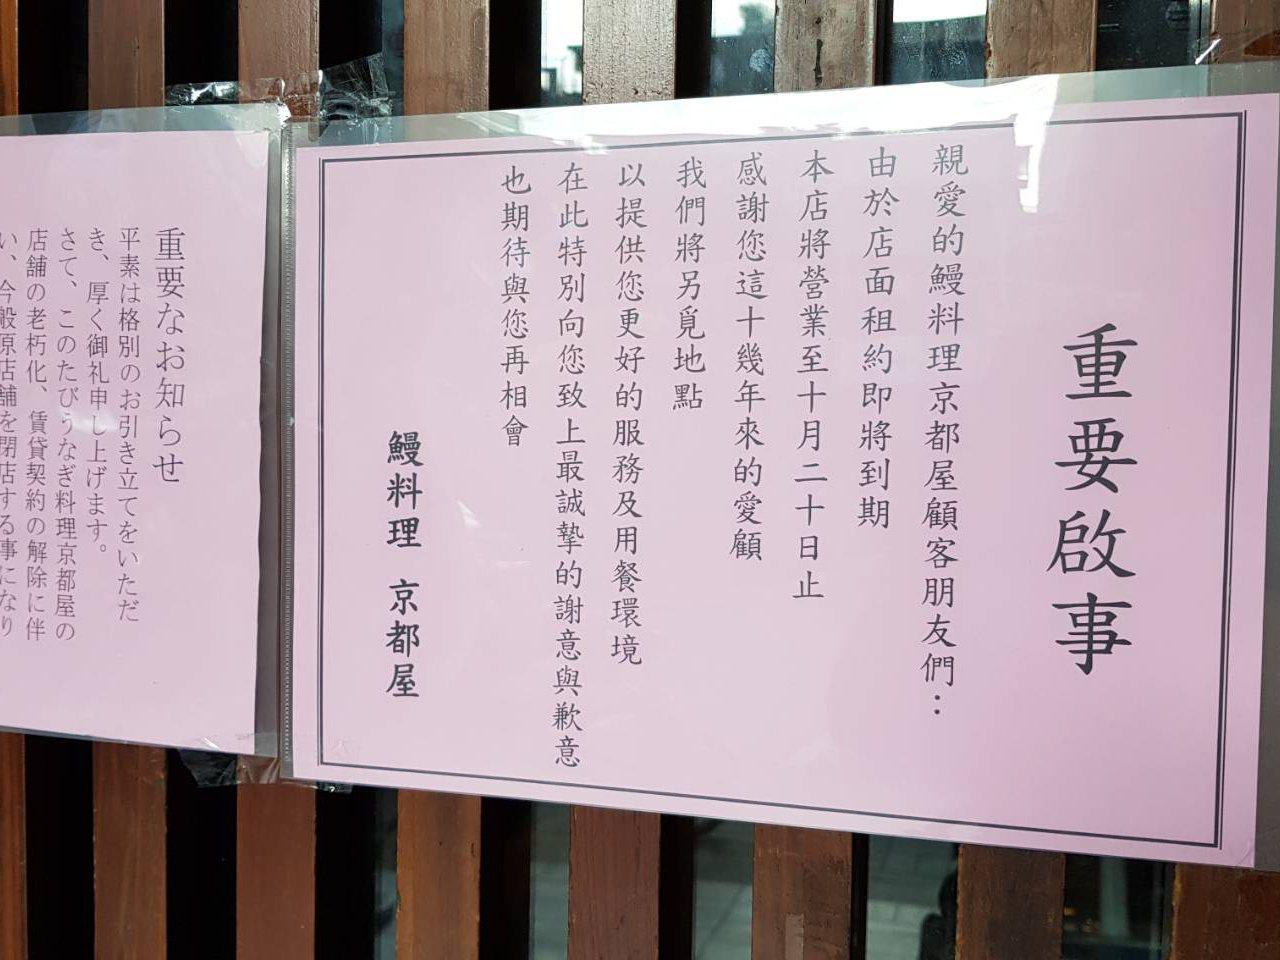 京都屋店門口已經發布歇業公告。記者陳睿中/攝影